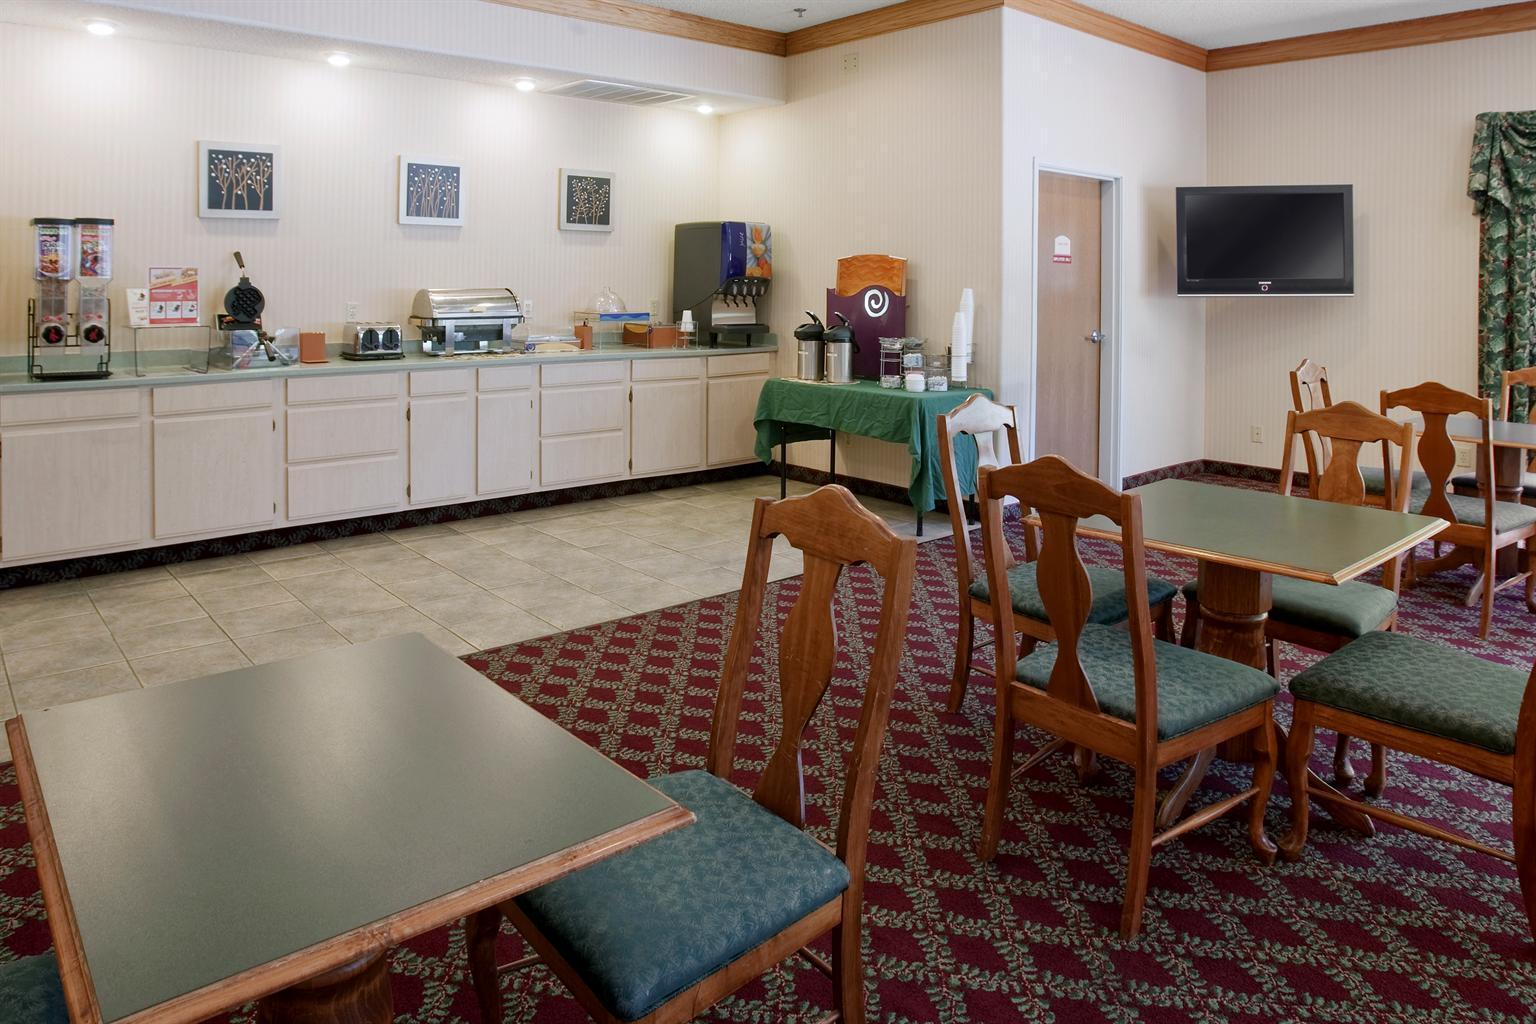 Americas Best Value Inn & Suites Kilgore